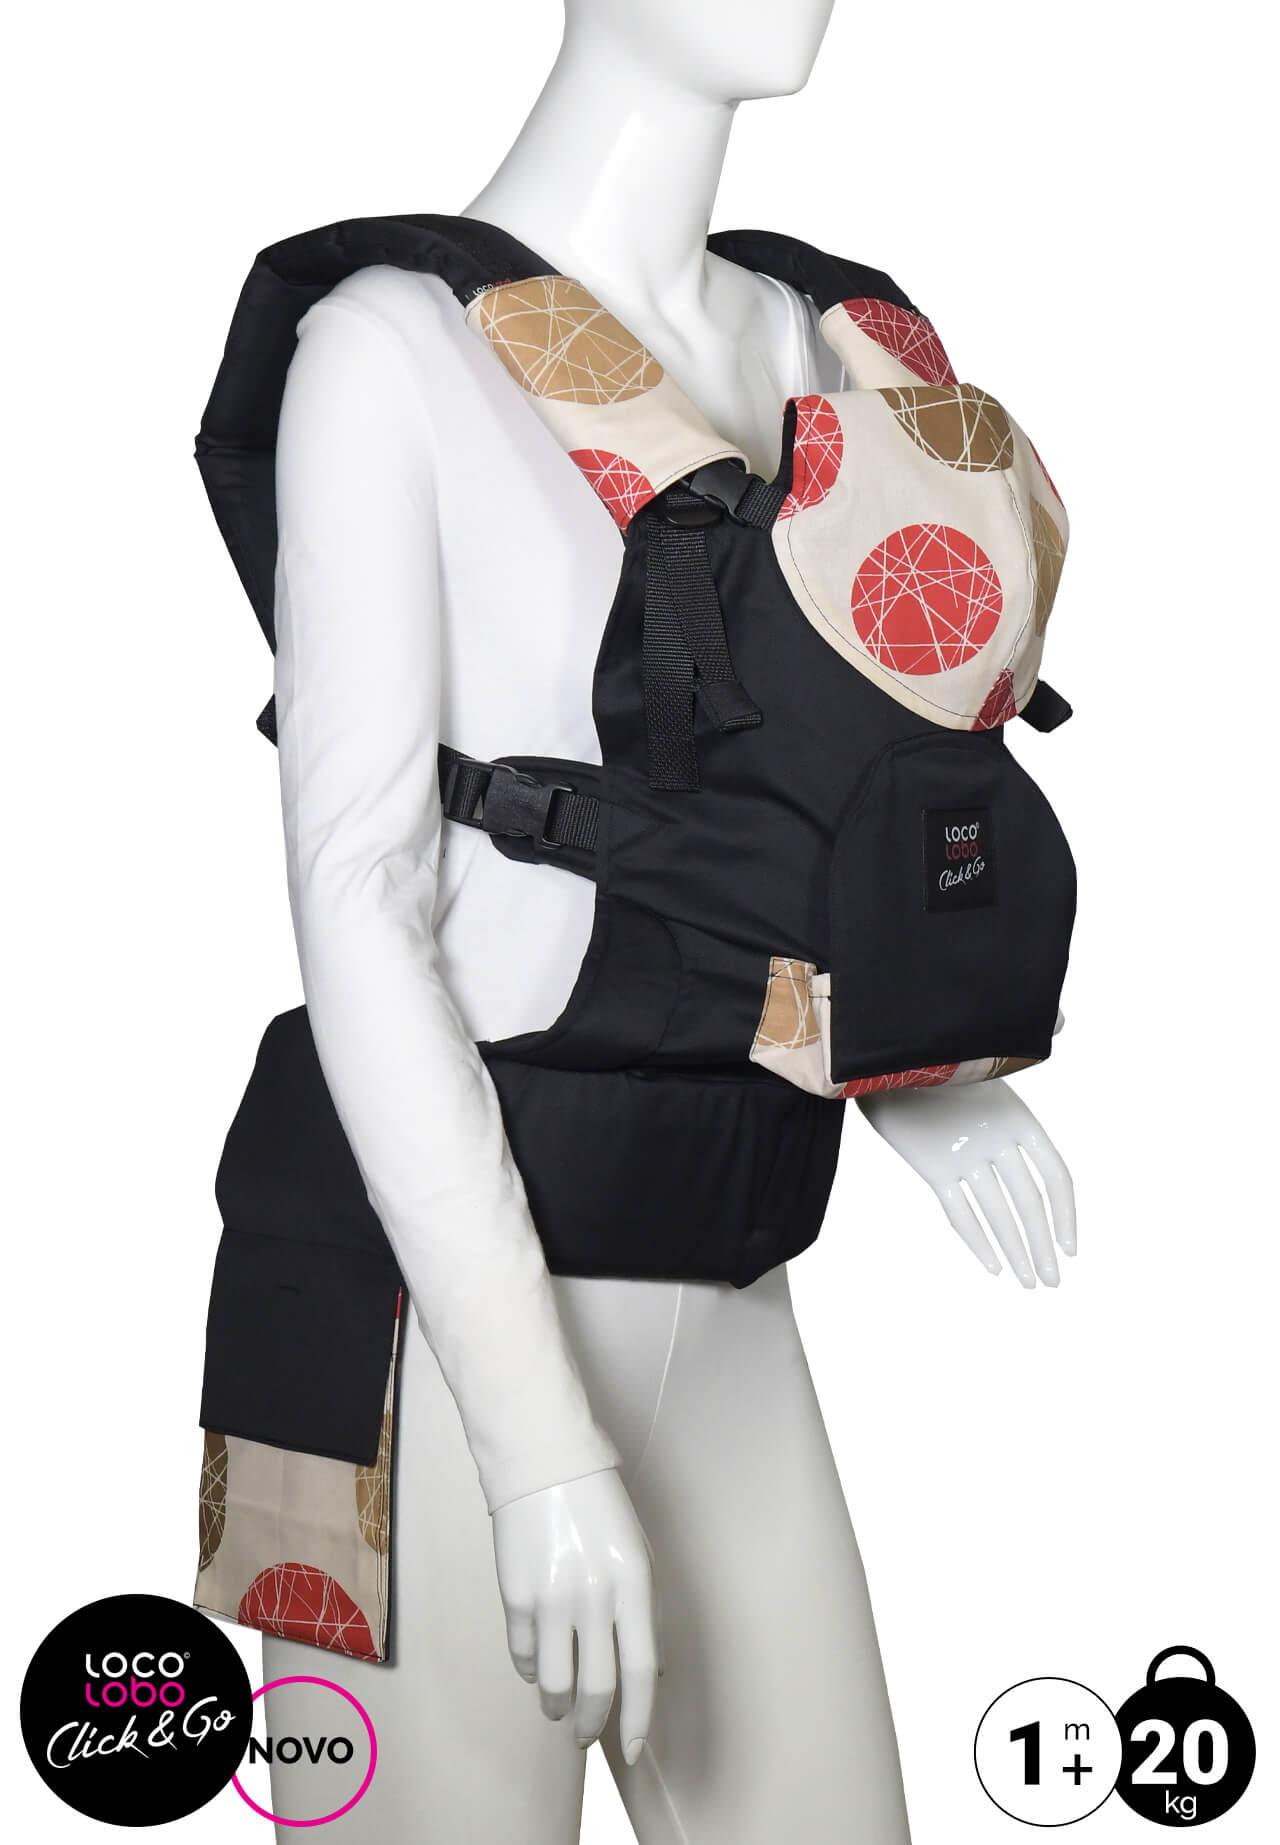 LocoLobo nosiljka za bebe klokanica